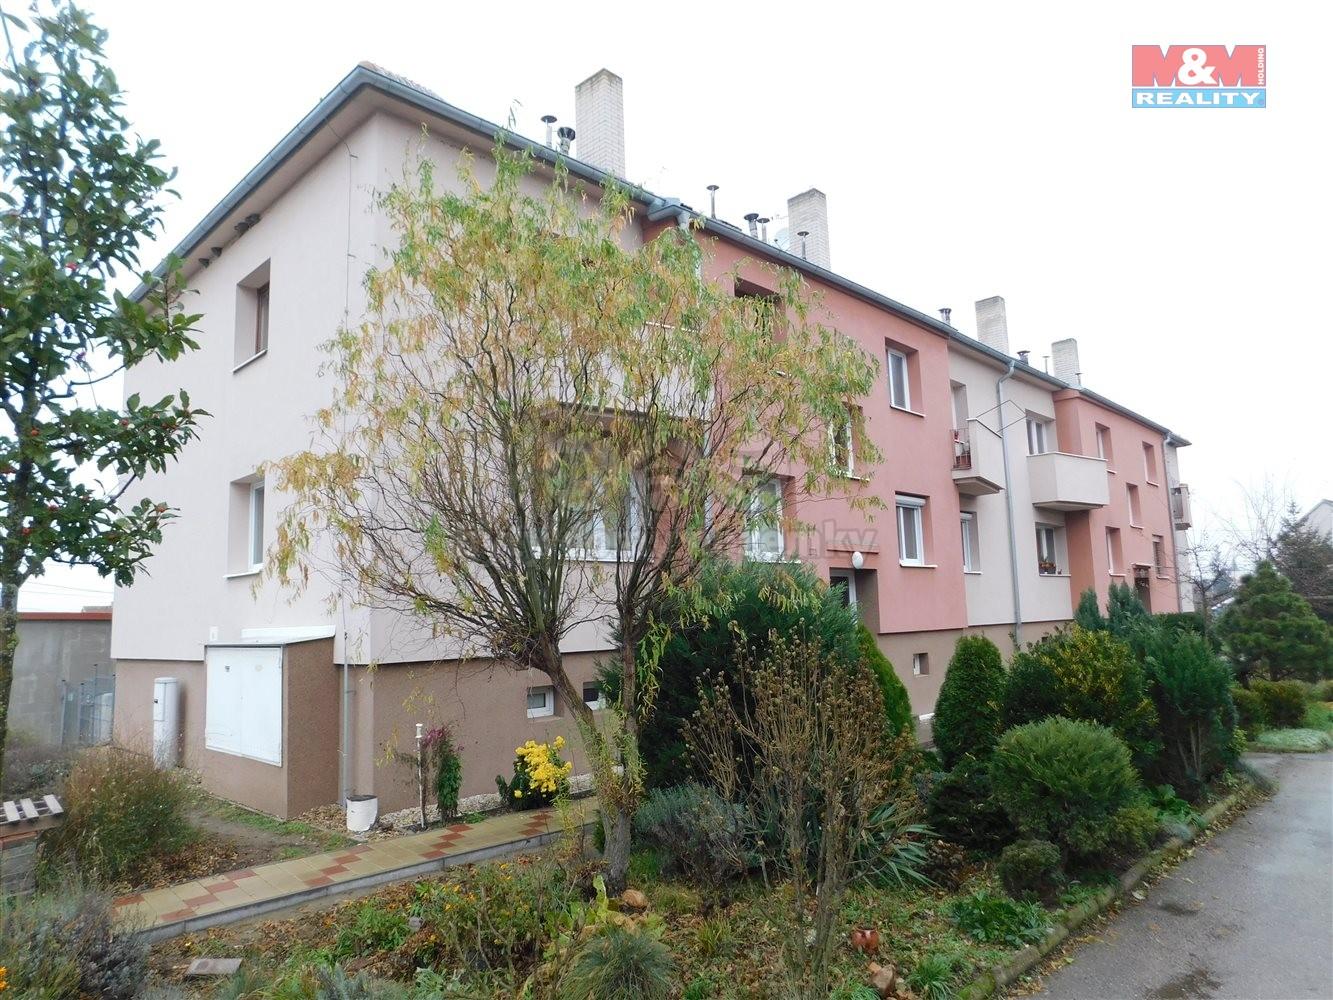 Prodej bytu 2+kk se zahradou, OV, 66 m2, v Přibicích